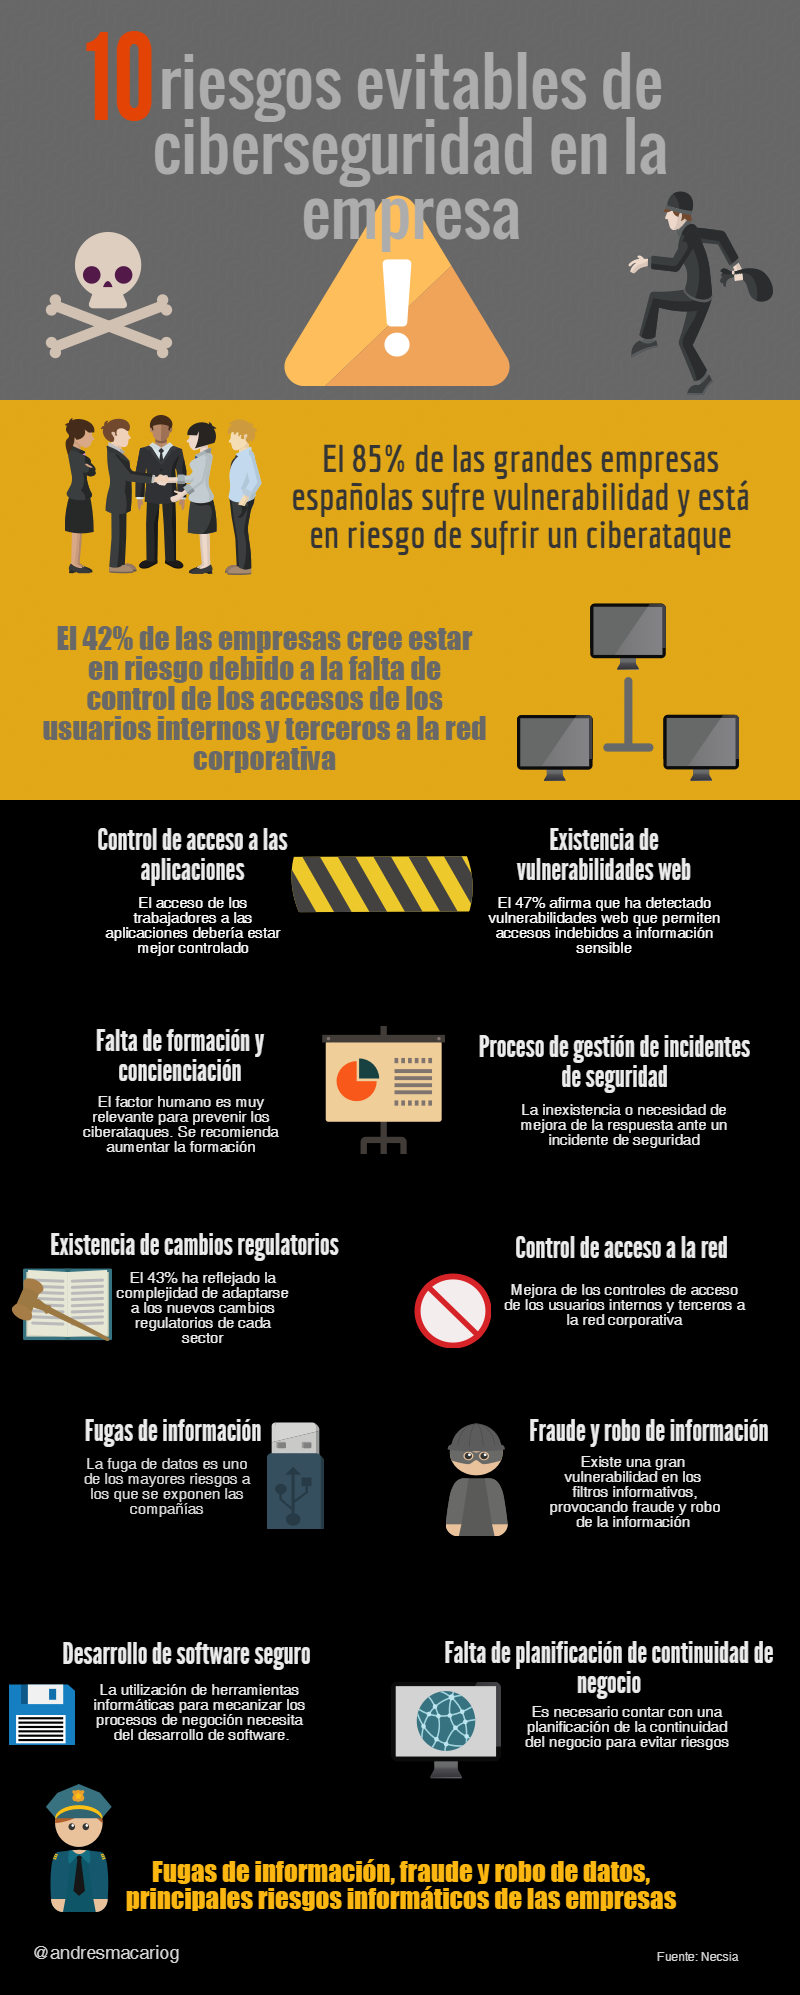 10 riesgos evitables de ciberseguridad en la empresa-infografia-Andrés Macario